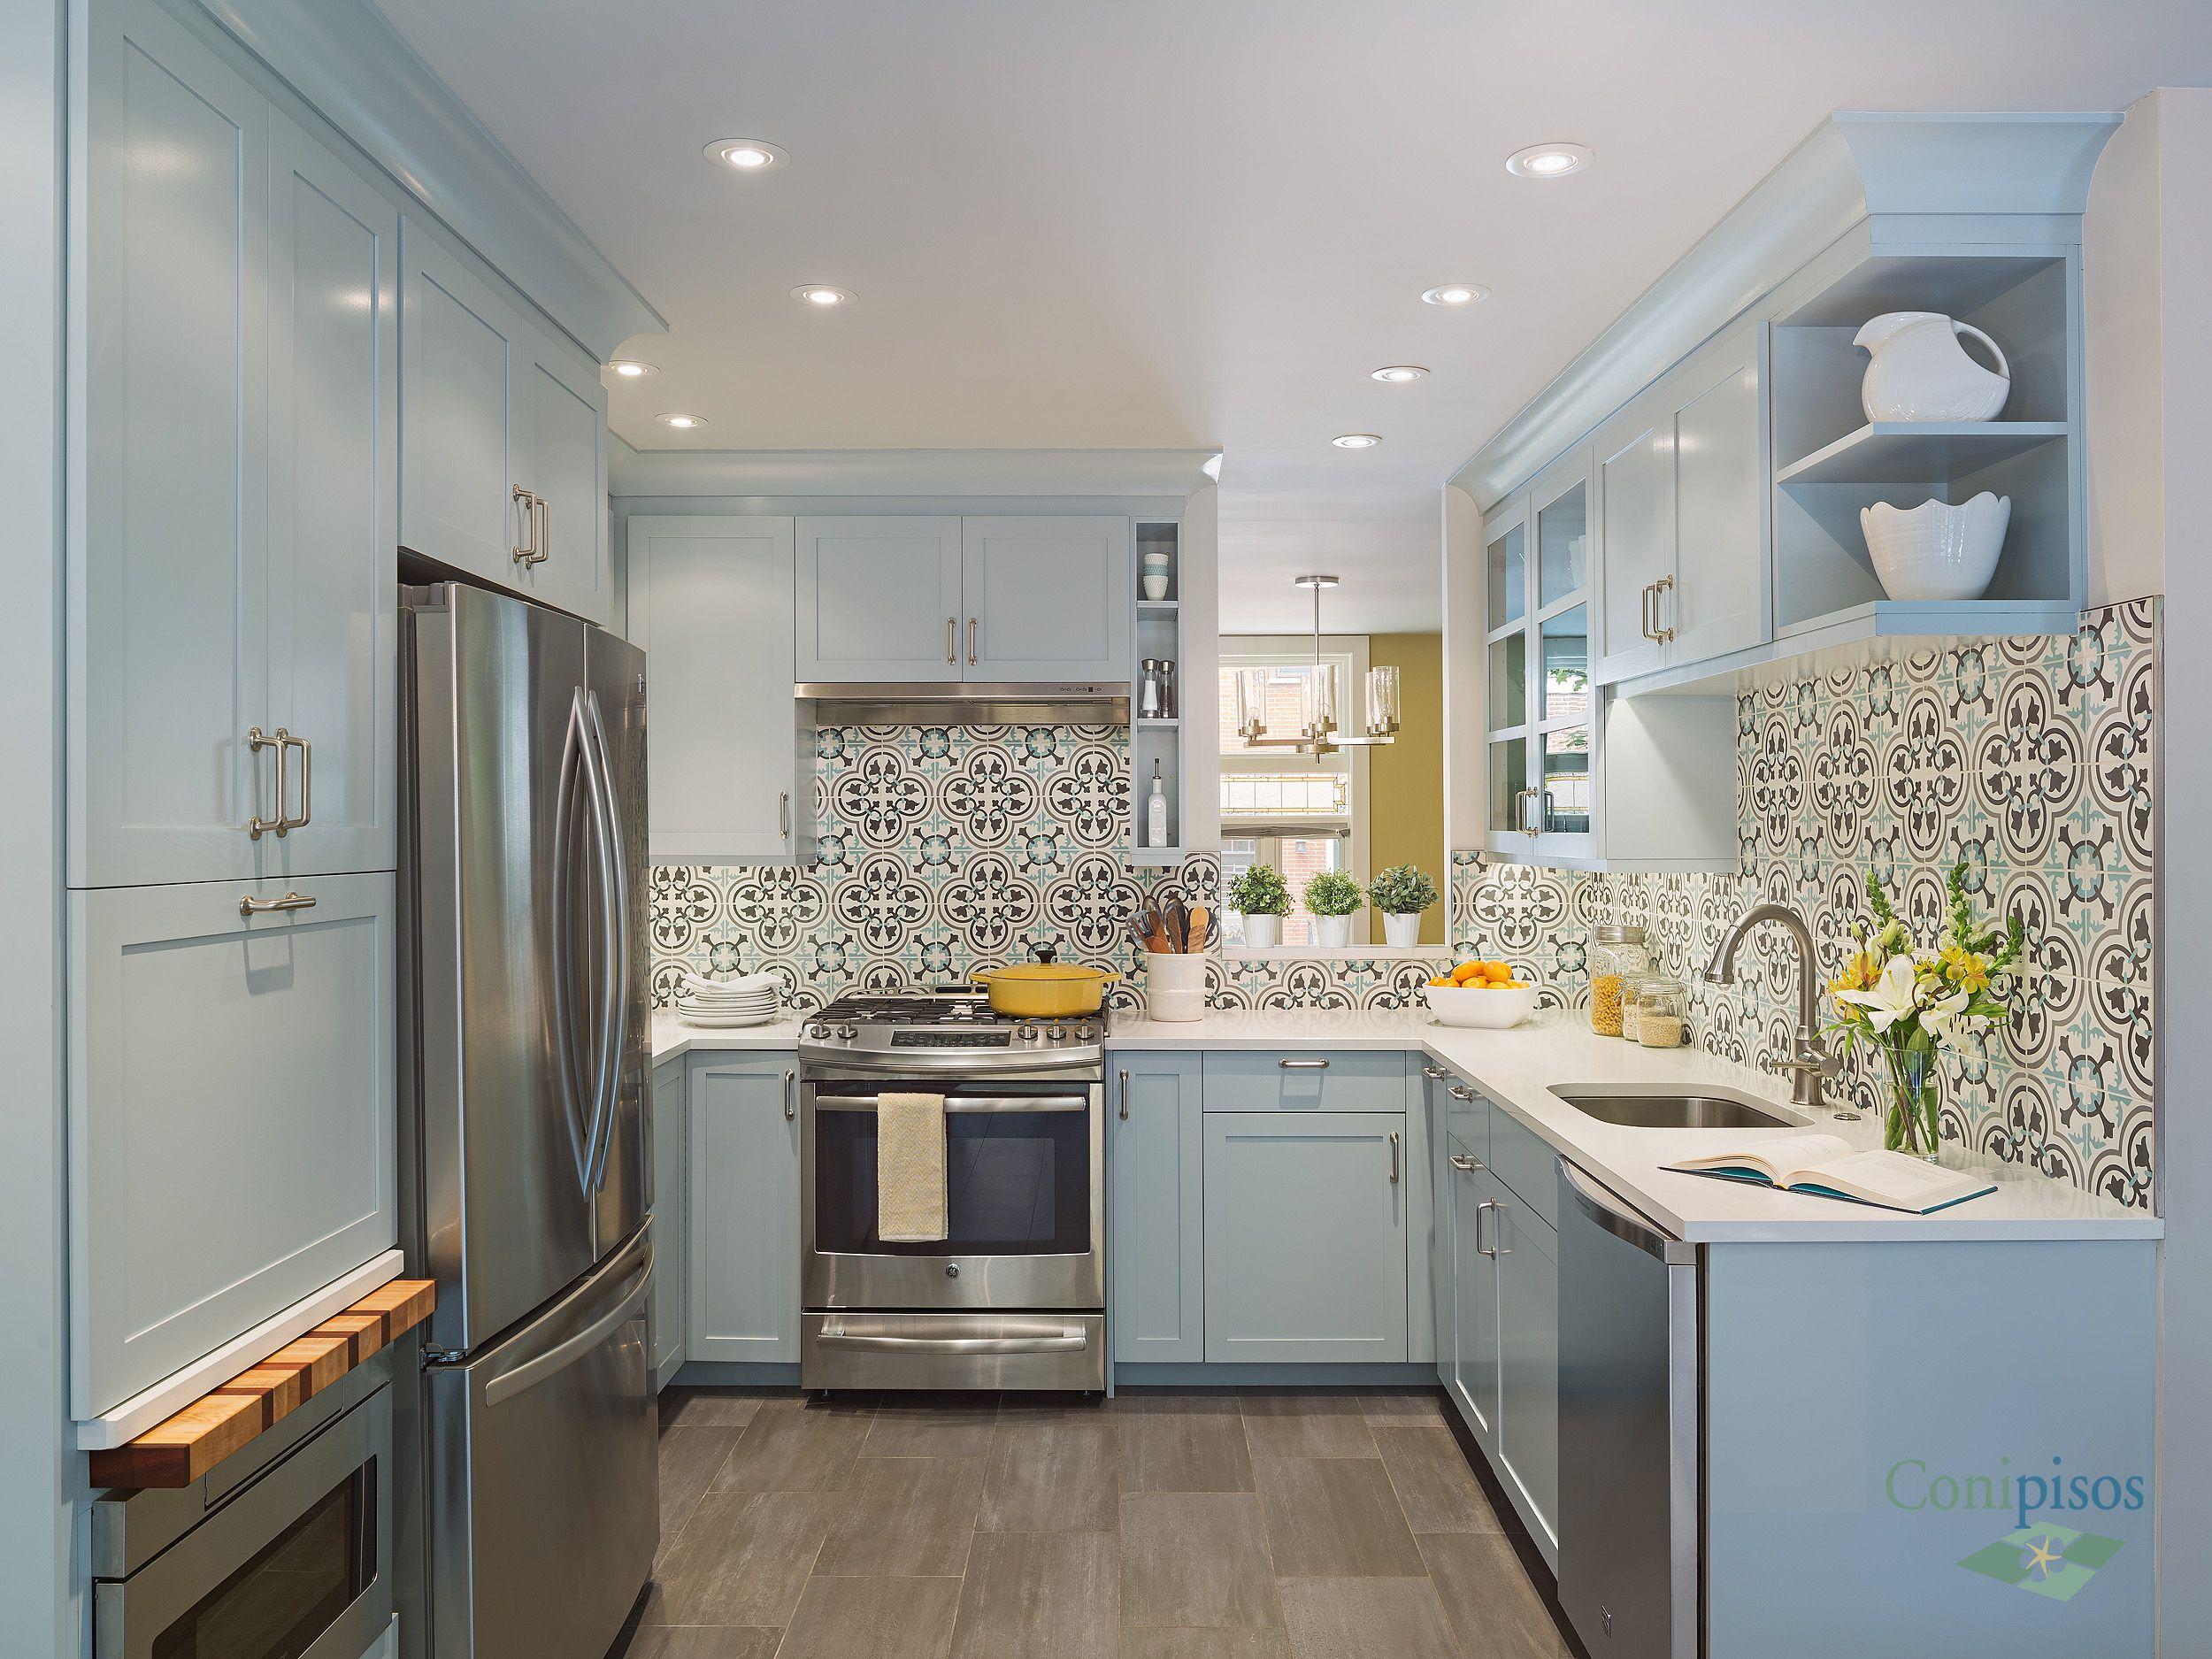 consigue el look moderno para tu cocina con nuestro diseo de pisos y - Azulejos De Cocina Modernos